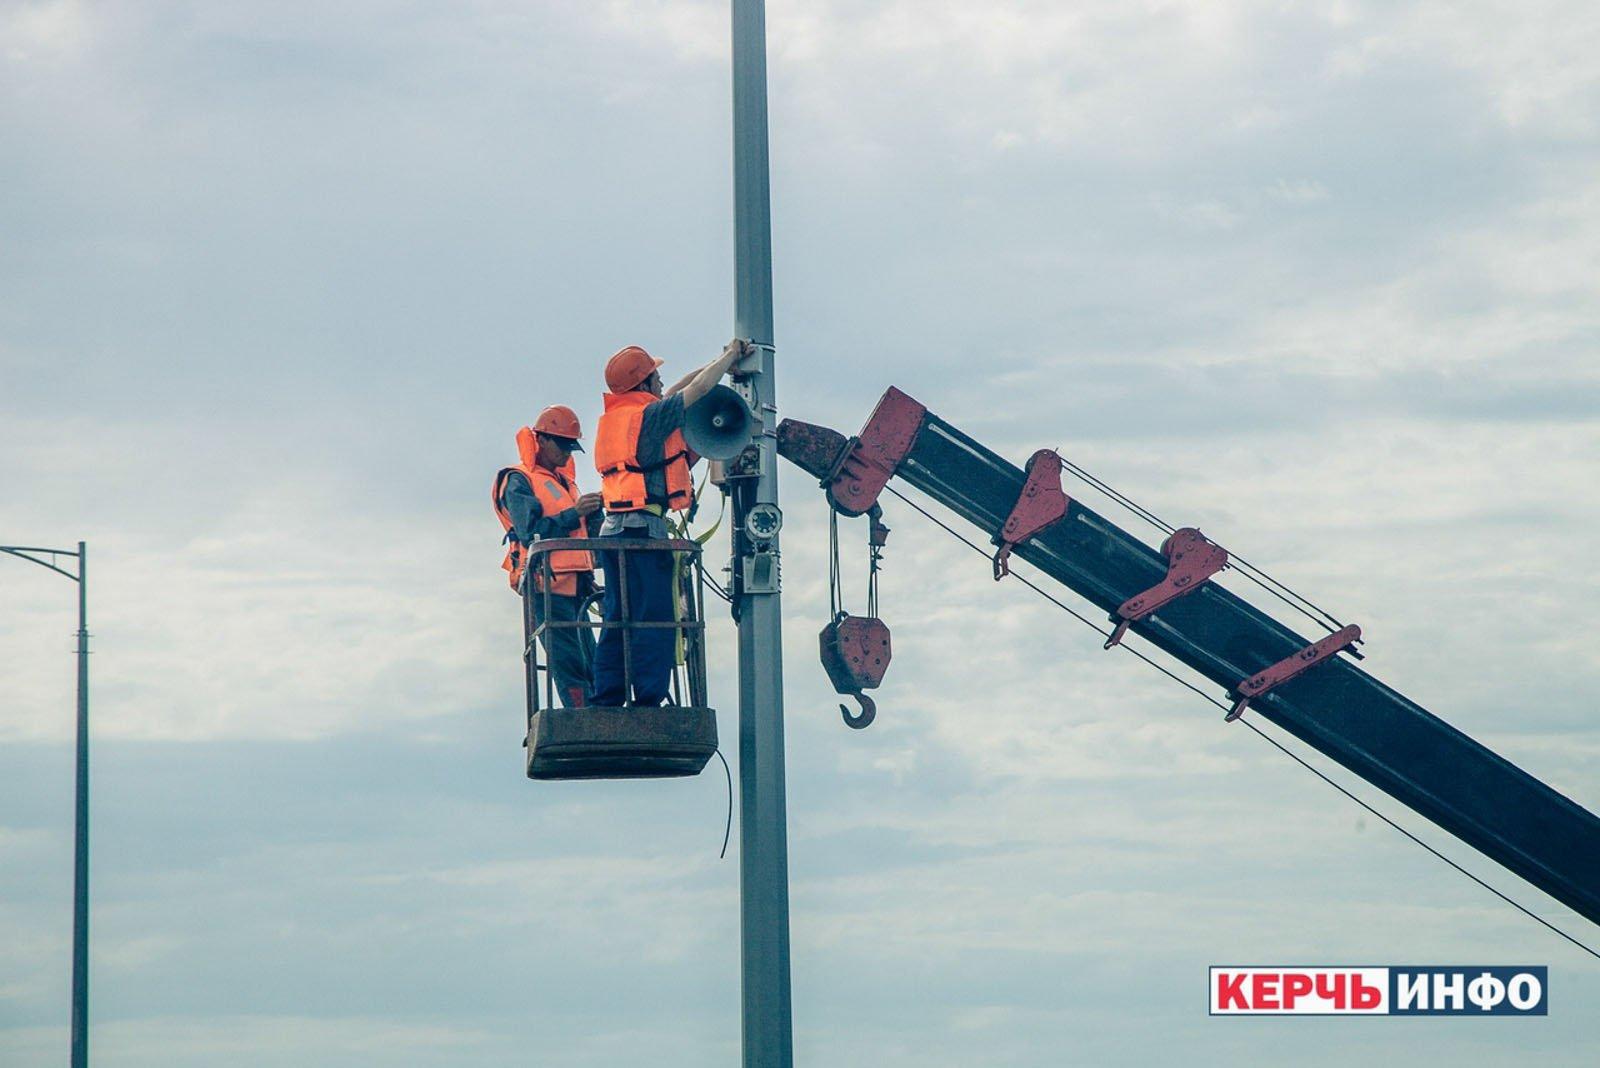 На Крымском мосту устанавливают камеры